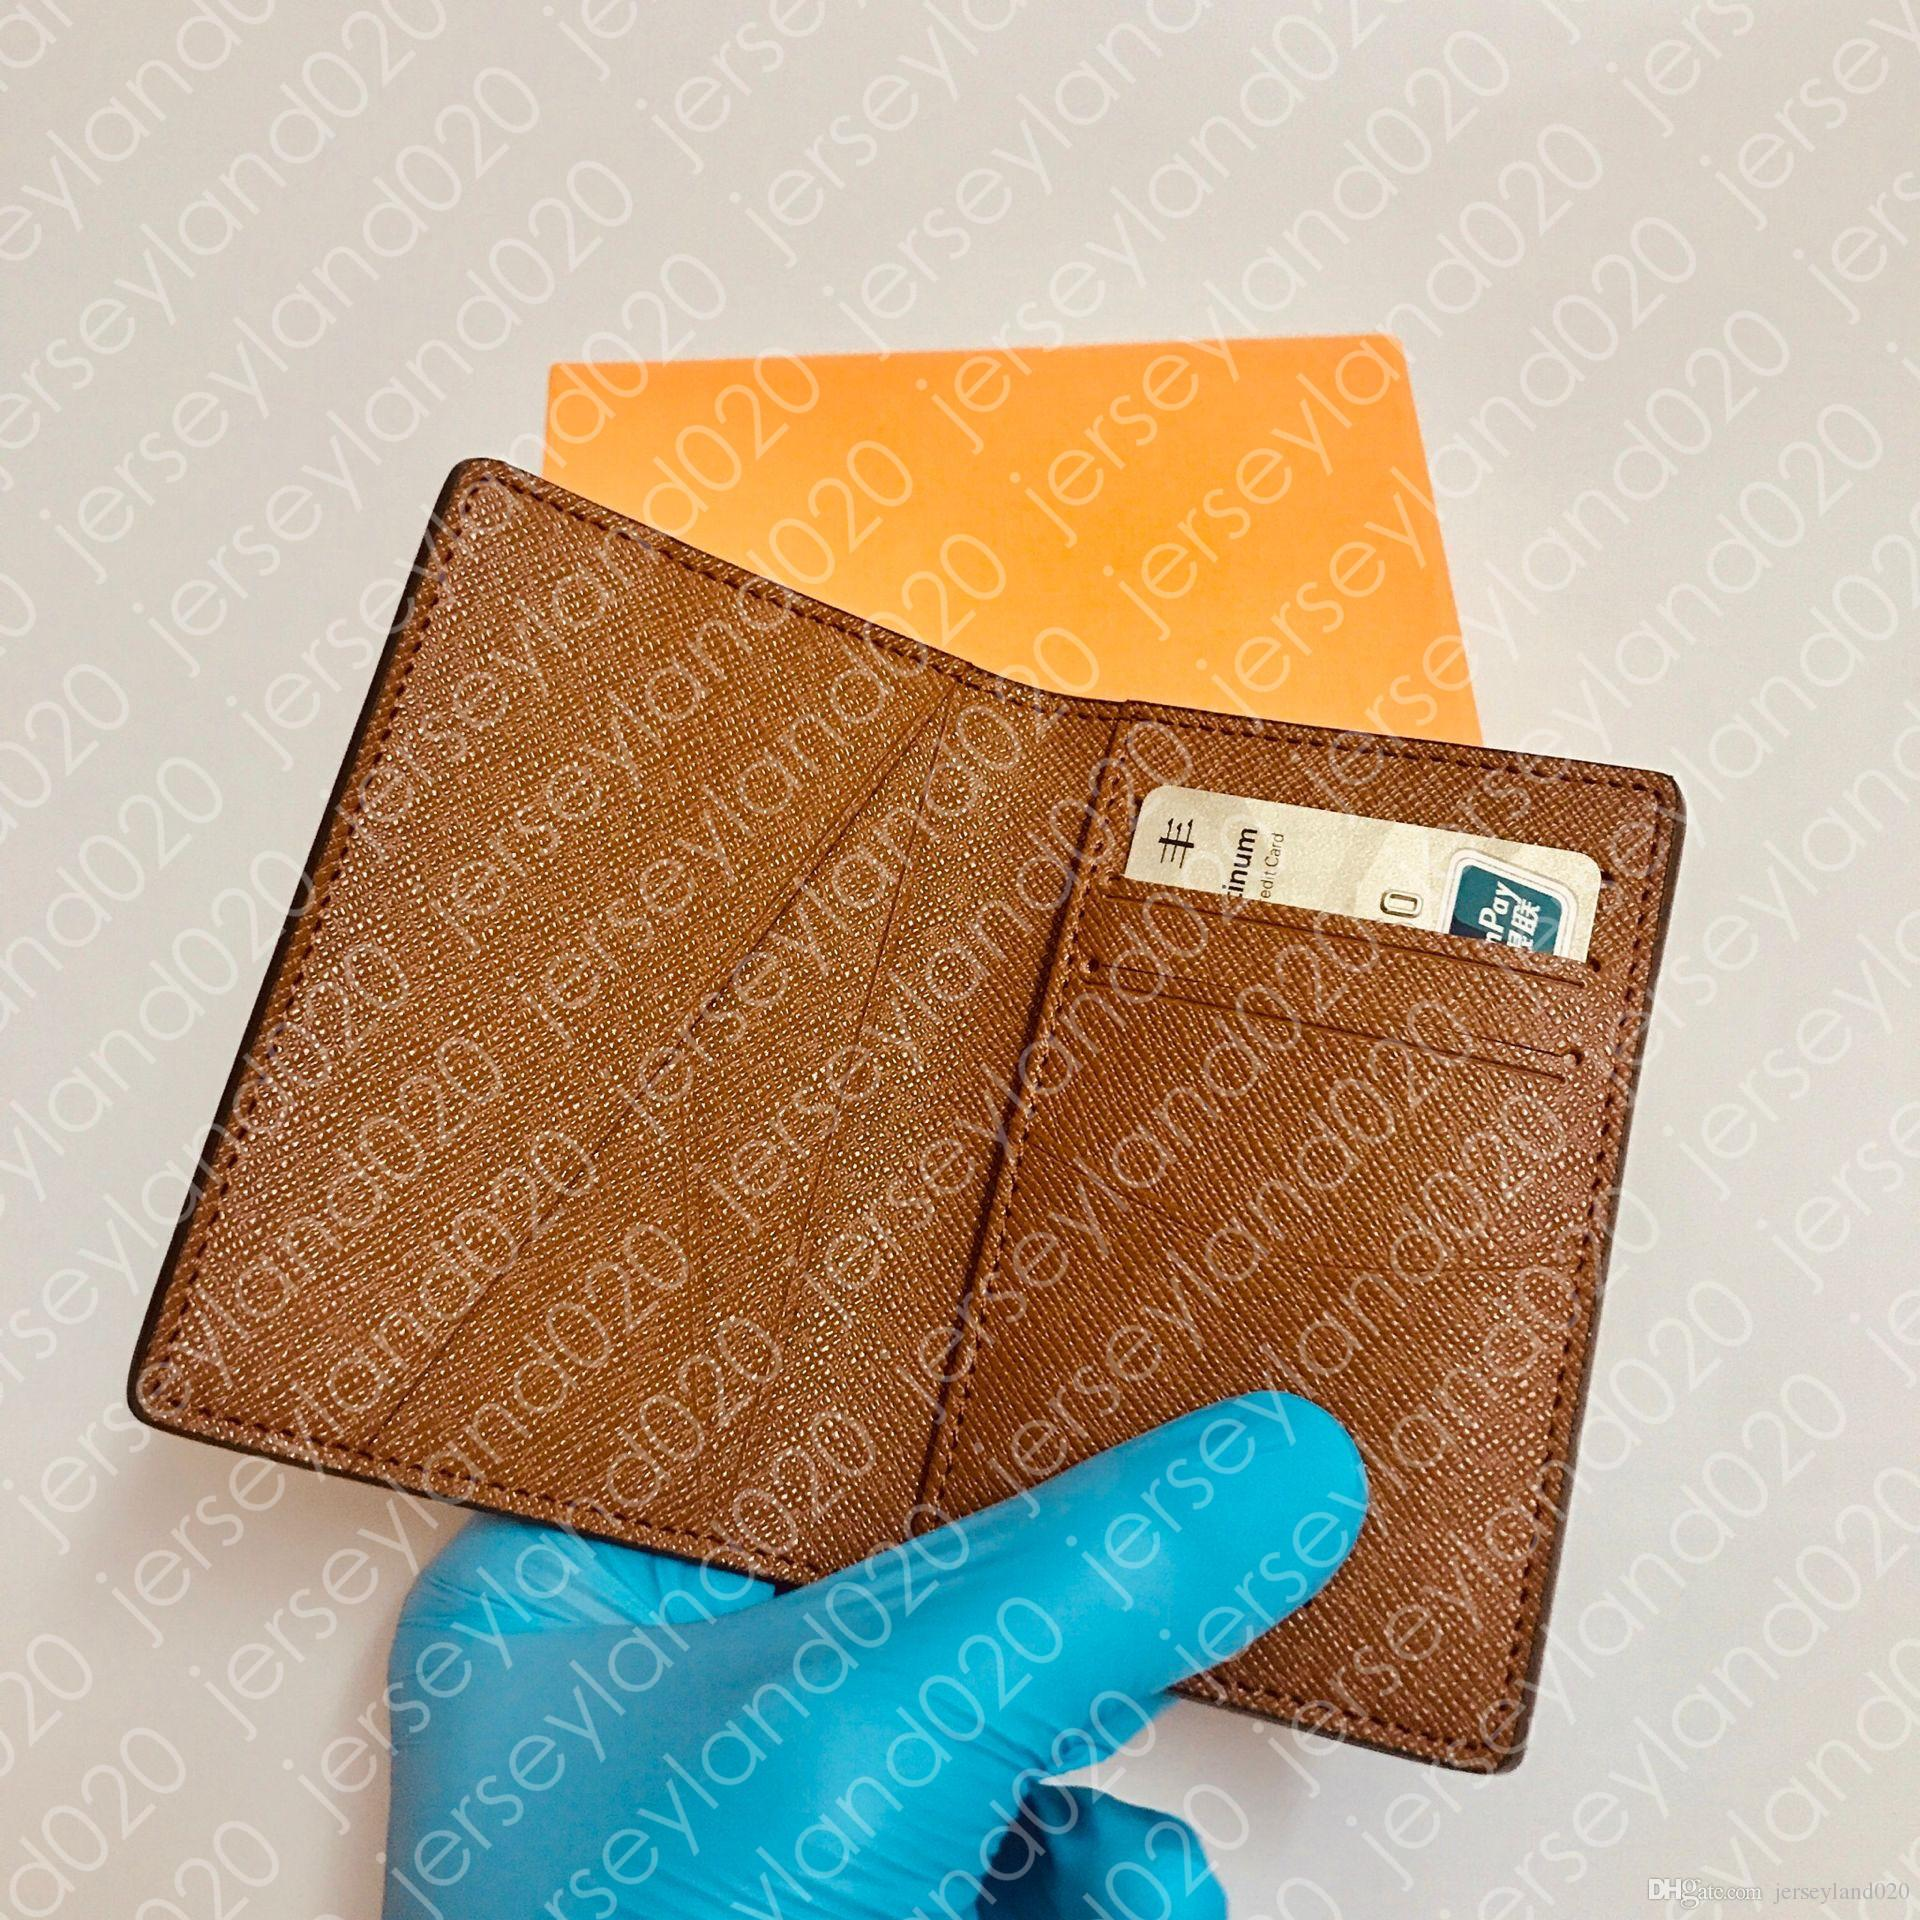 El diseñador de moda de lujo Corto múltiple del portatarjetas de la moneda clave compacto bolsillo organizador M60502 de los hombres de la lona del grafito de Damier N63143